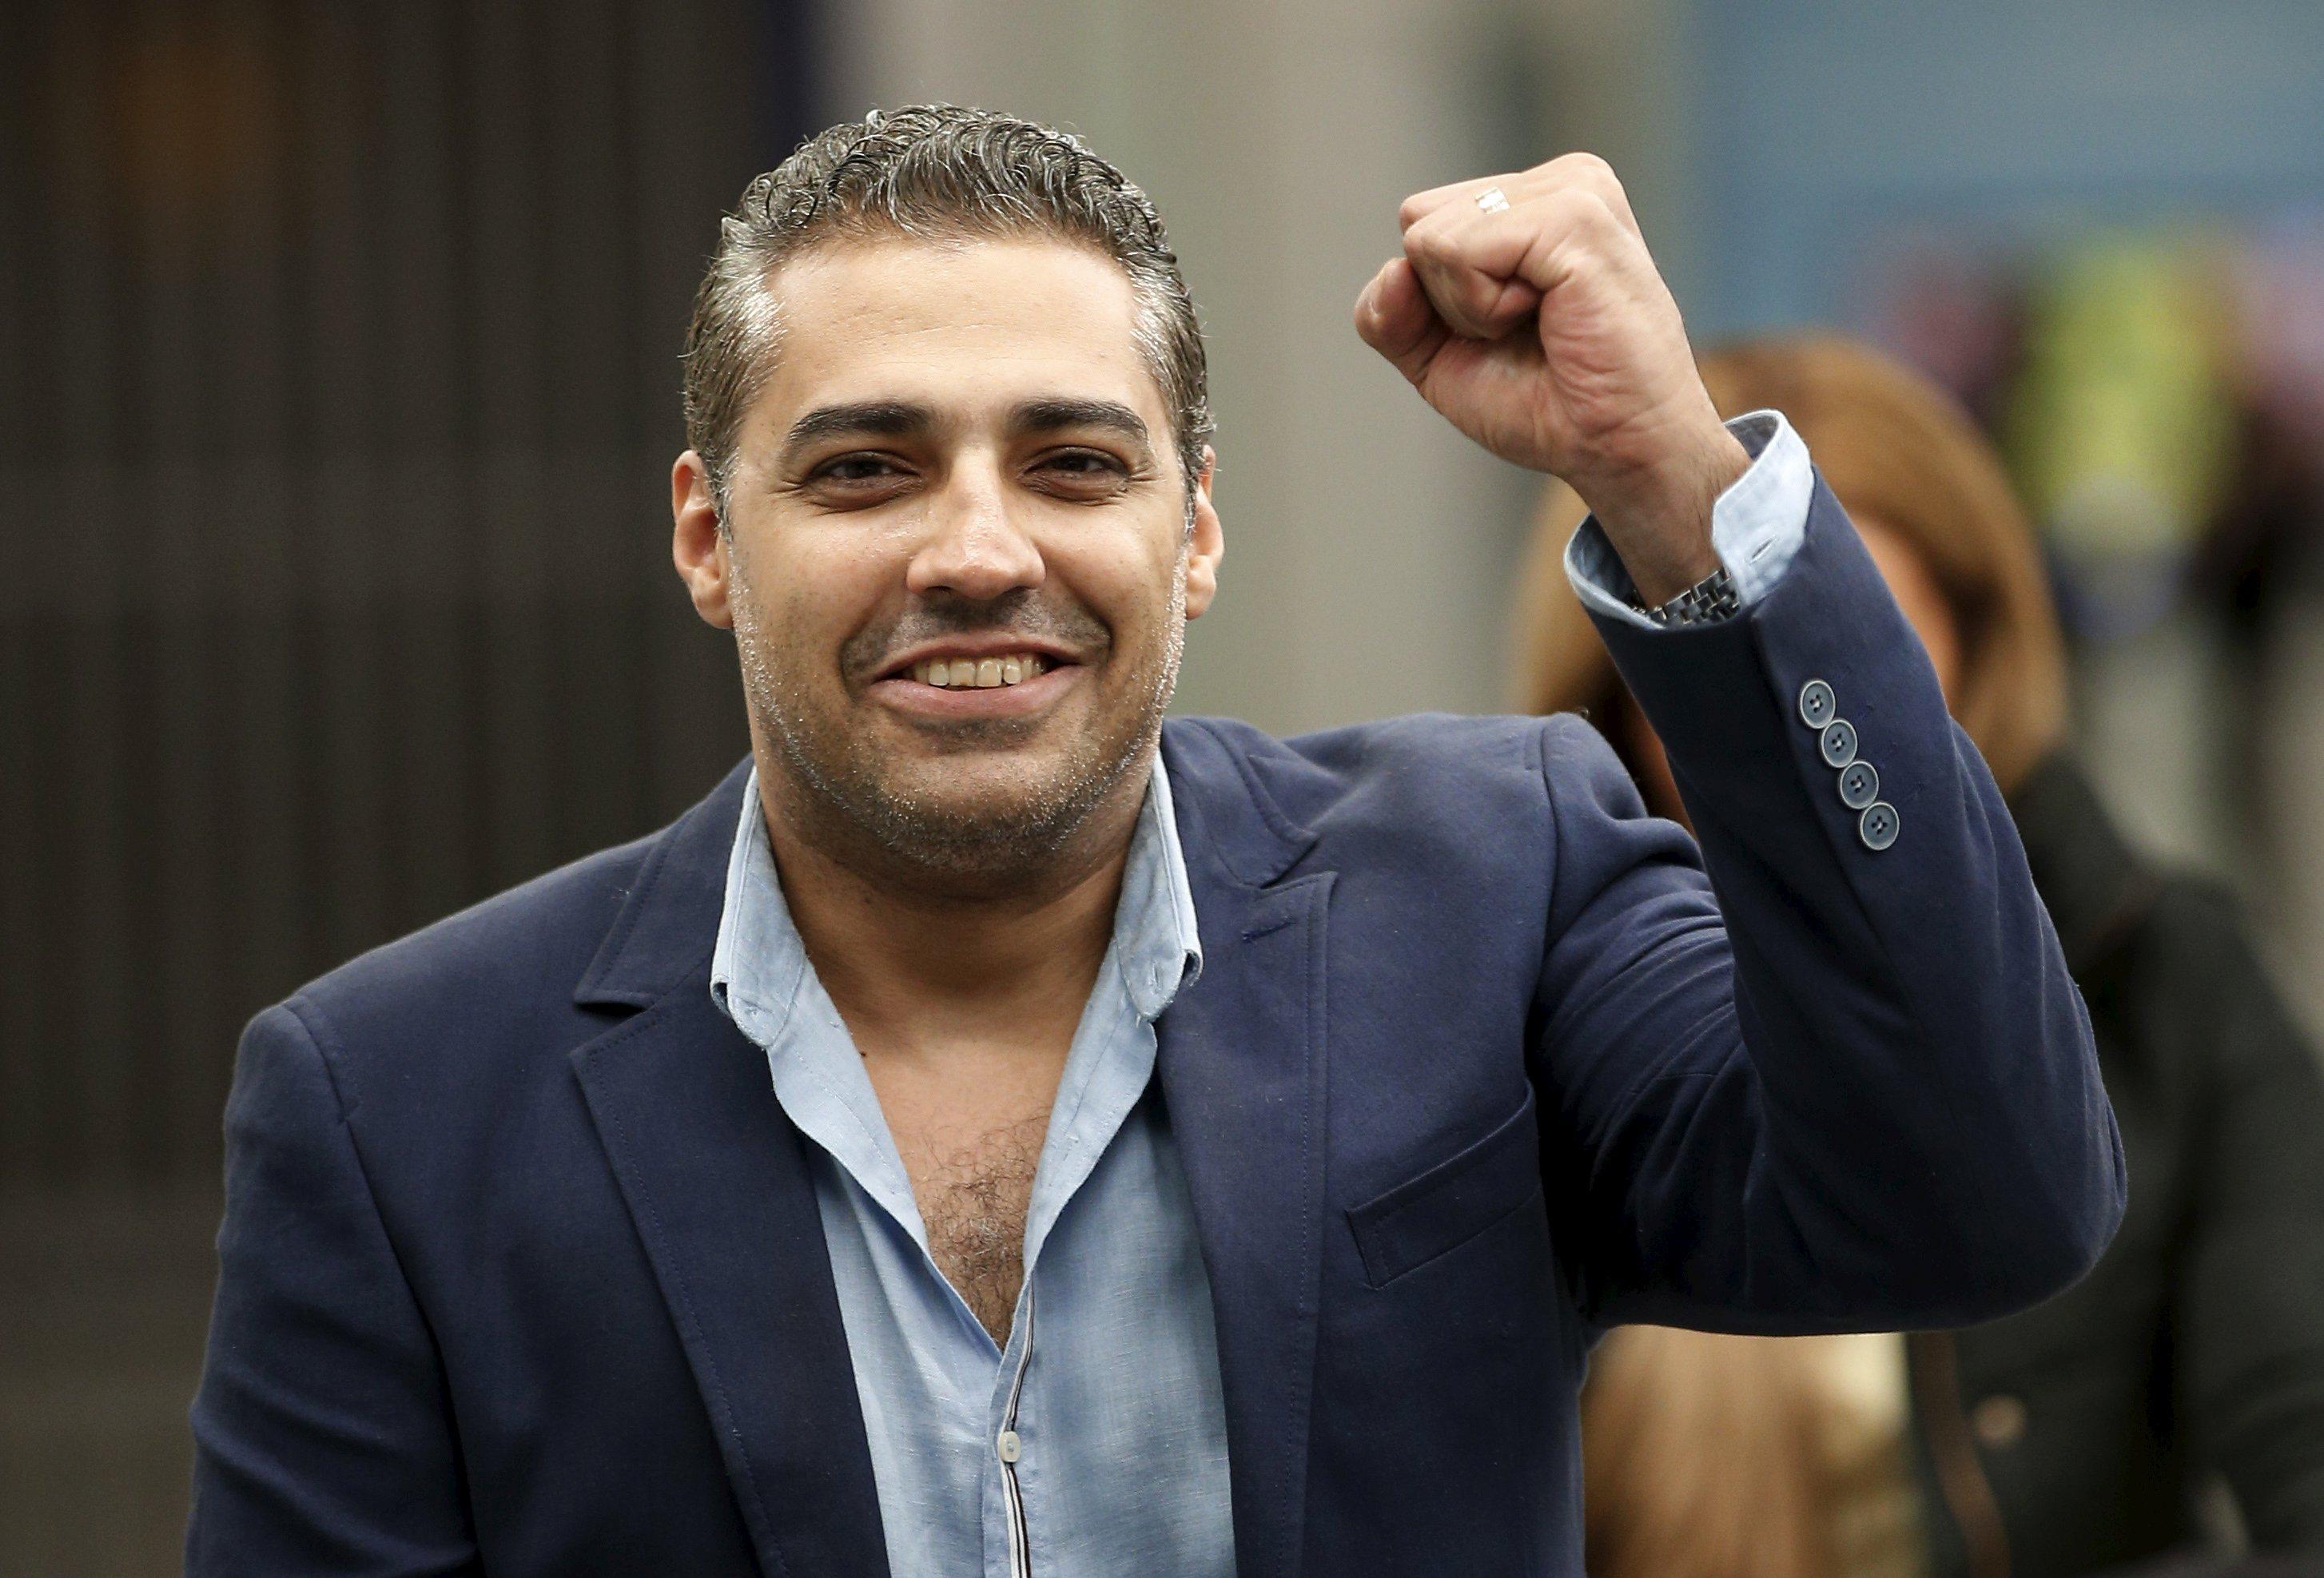 Jurnalis Kanada Mohamed Fahmy, yang baru dibebaskan dari penjara di Mesir, mengepalkan tangan saat tiba di bandara Heathrow, Inggris, dari Kairo, Selasa (6/10). Fahmy, yang dipenjara selama tiga tahun karena meliput tanpa ijin pers dan menyiarkan material yang berbahaya bagi Mesir, diampuni oleh Presiden Mesir Abdel Fatah al-Sisi bulan September lalu. ANTARA FOTO/REUTERS/Peter Nicholls.